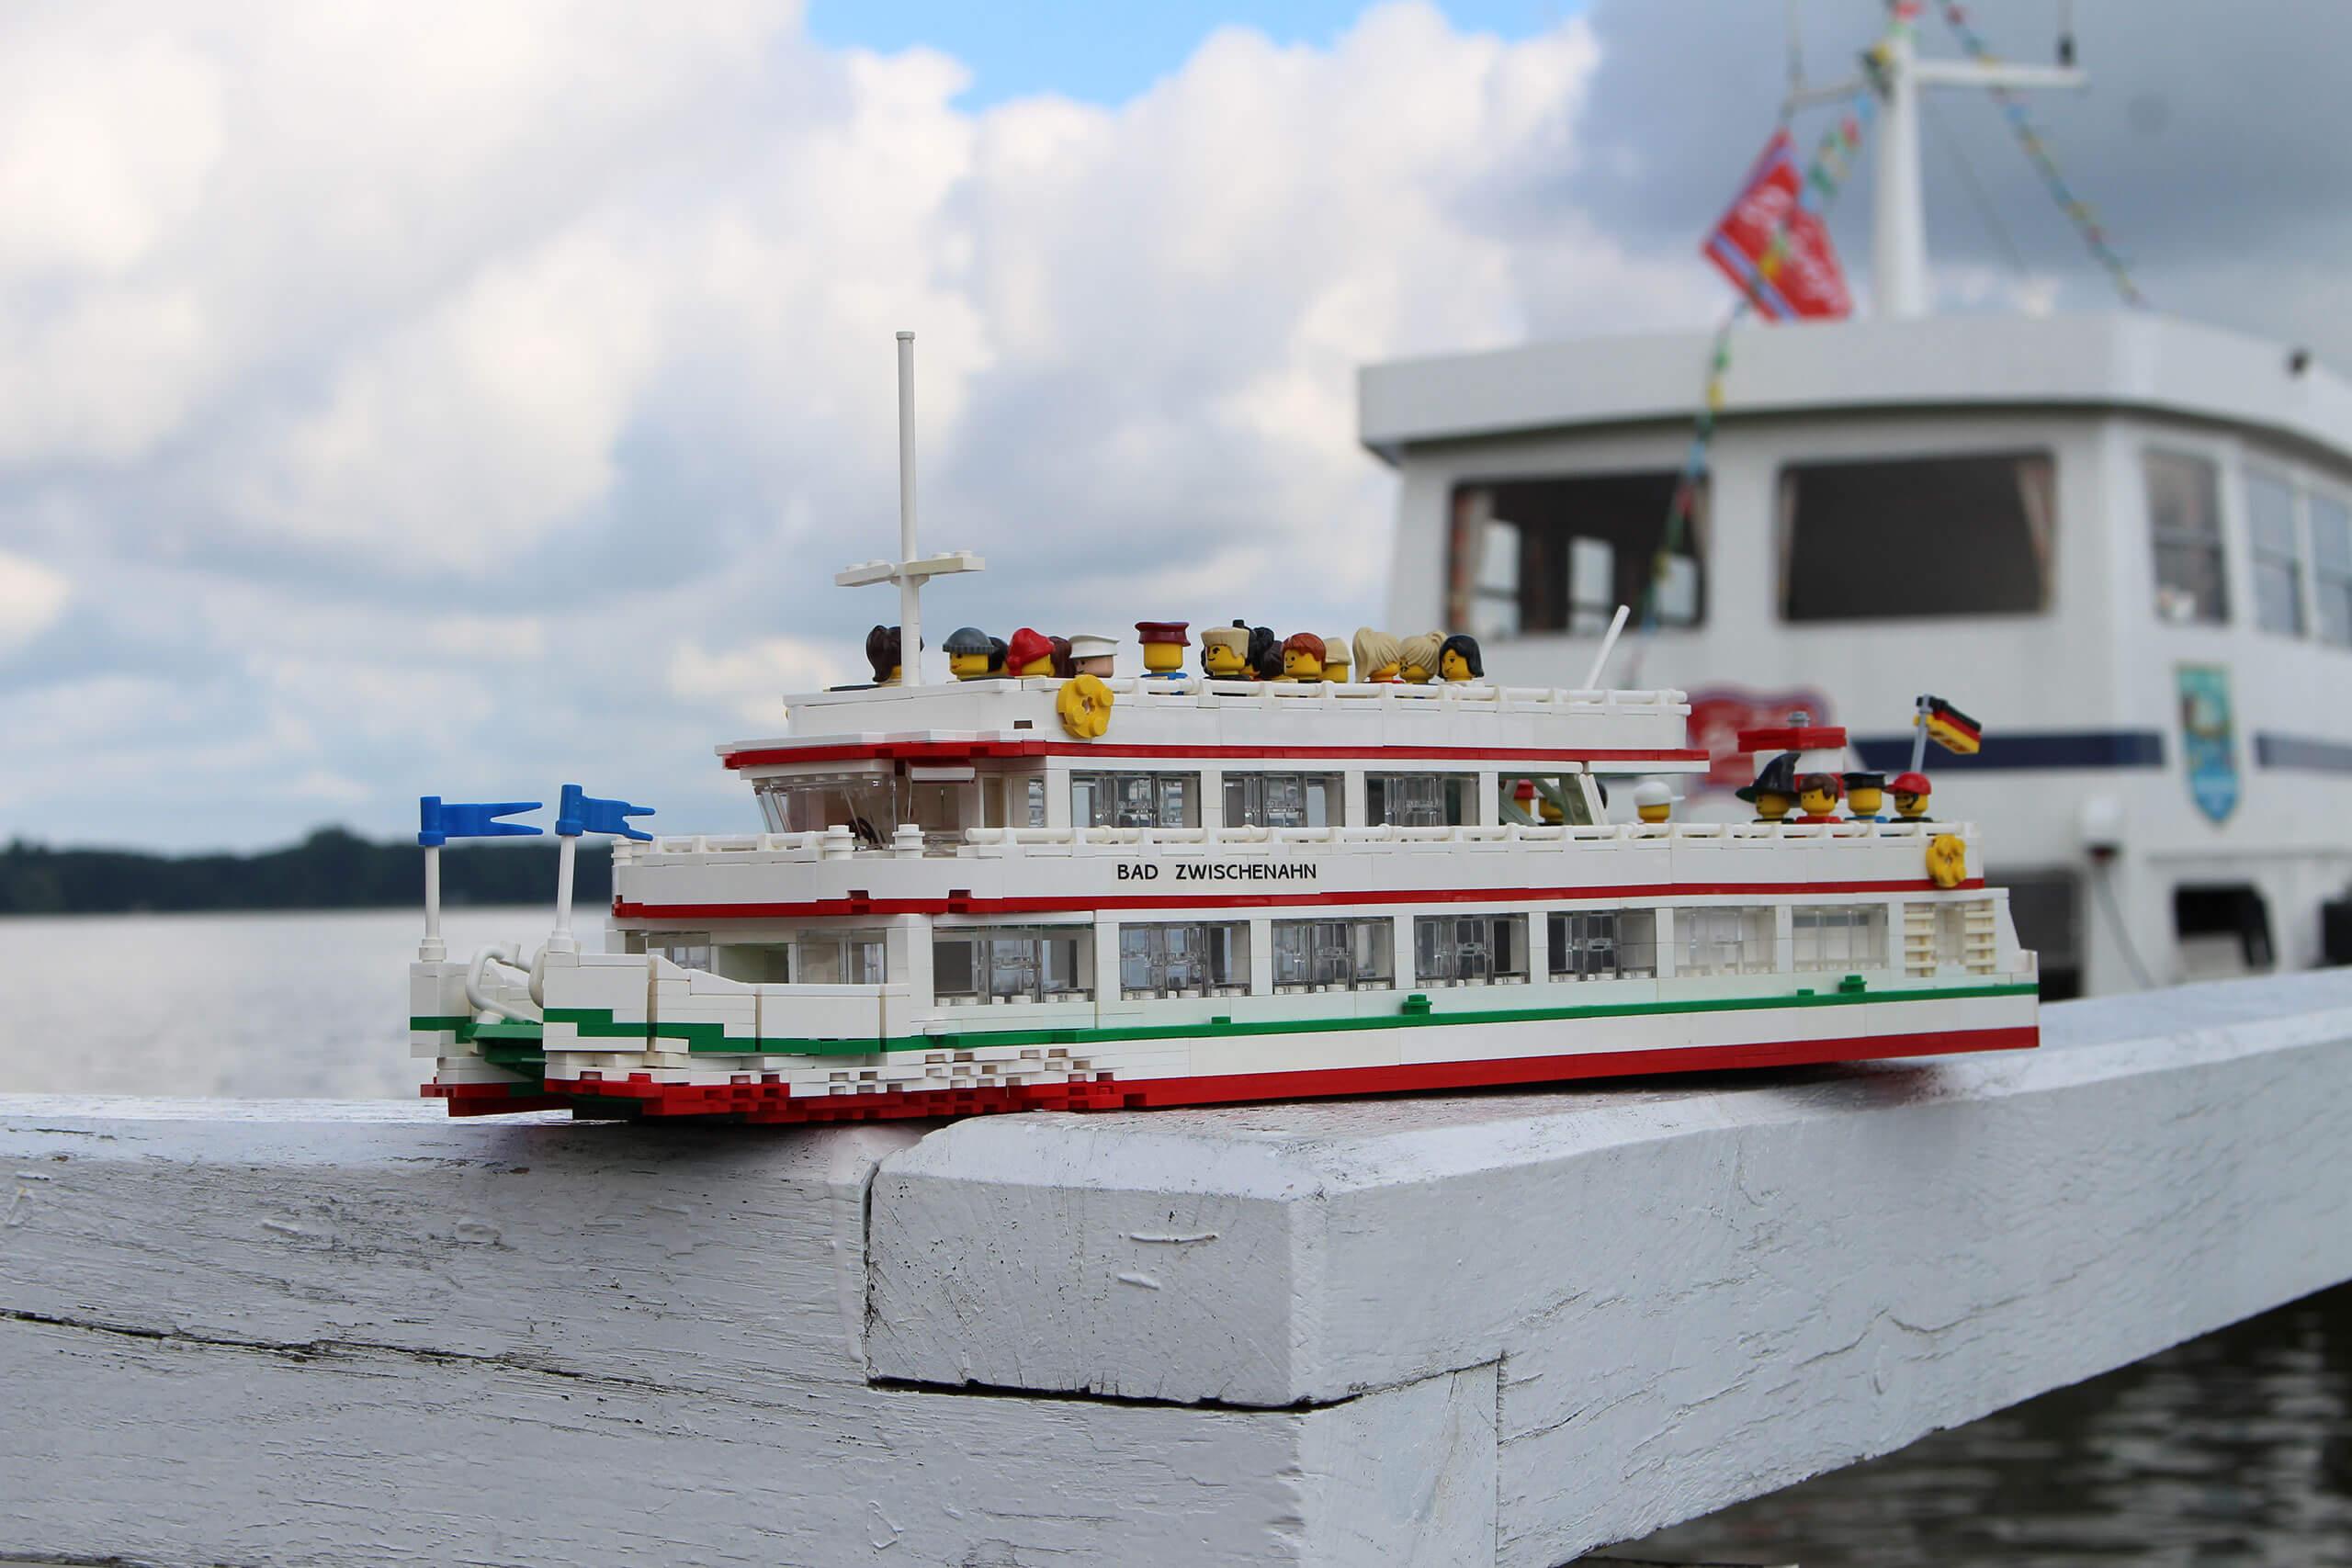 Bricks am Meer - Die LEGO®-Ausstellung in Bad Zwischenahn